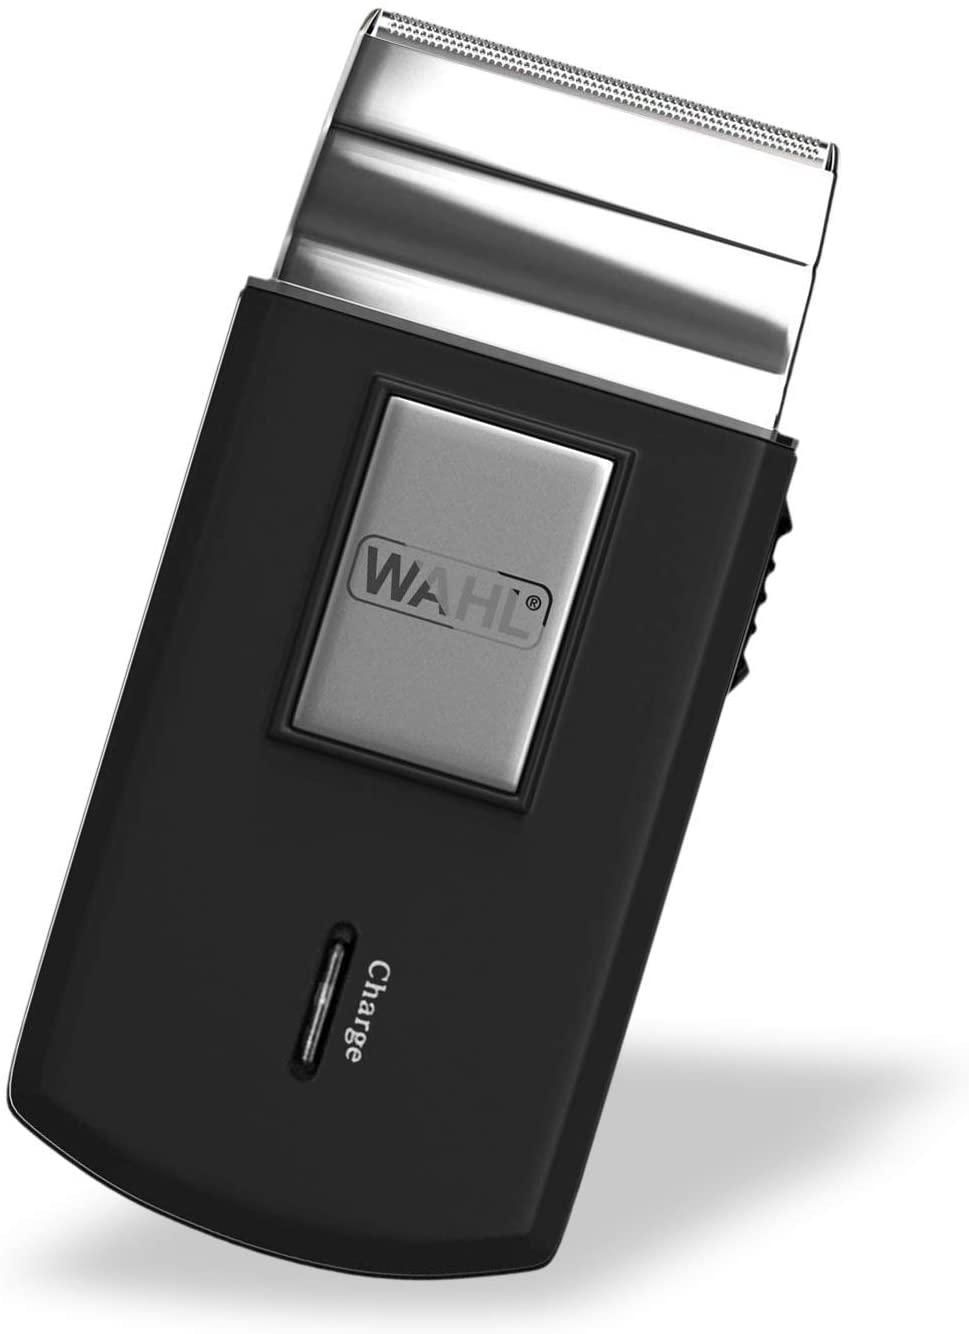 Il rasoio elettrico Wahl 3615: la recensione completa